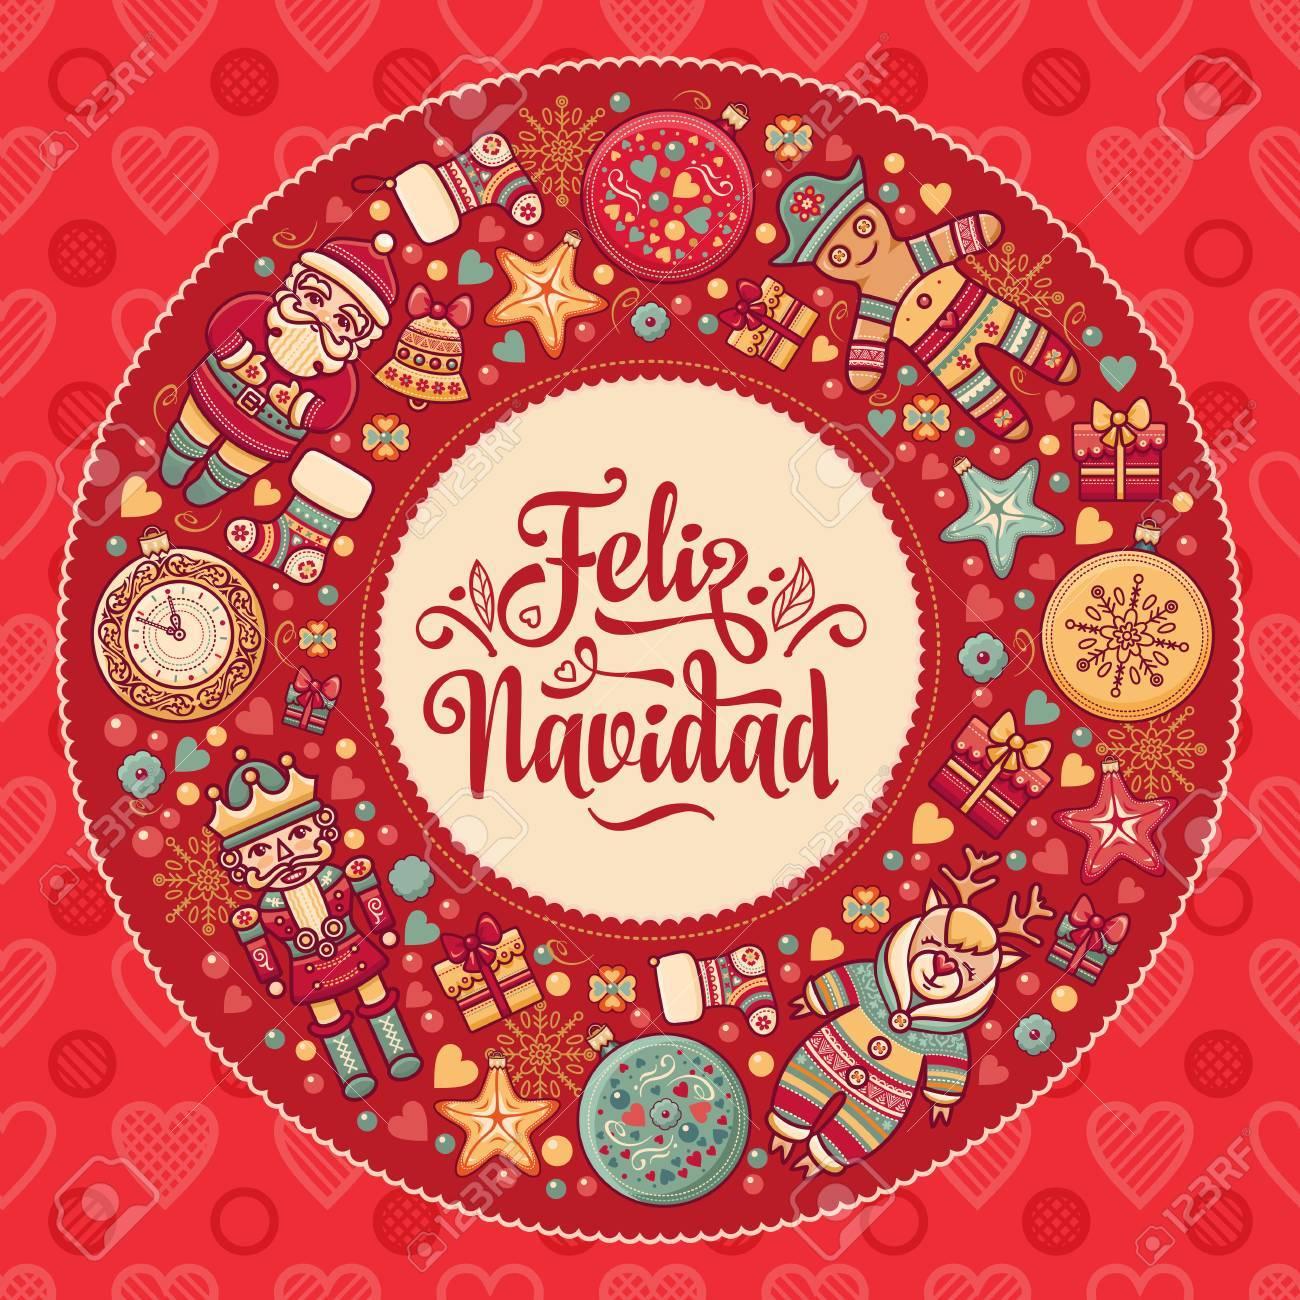 Wunsche schone weihnachten englisch